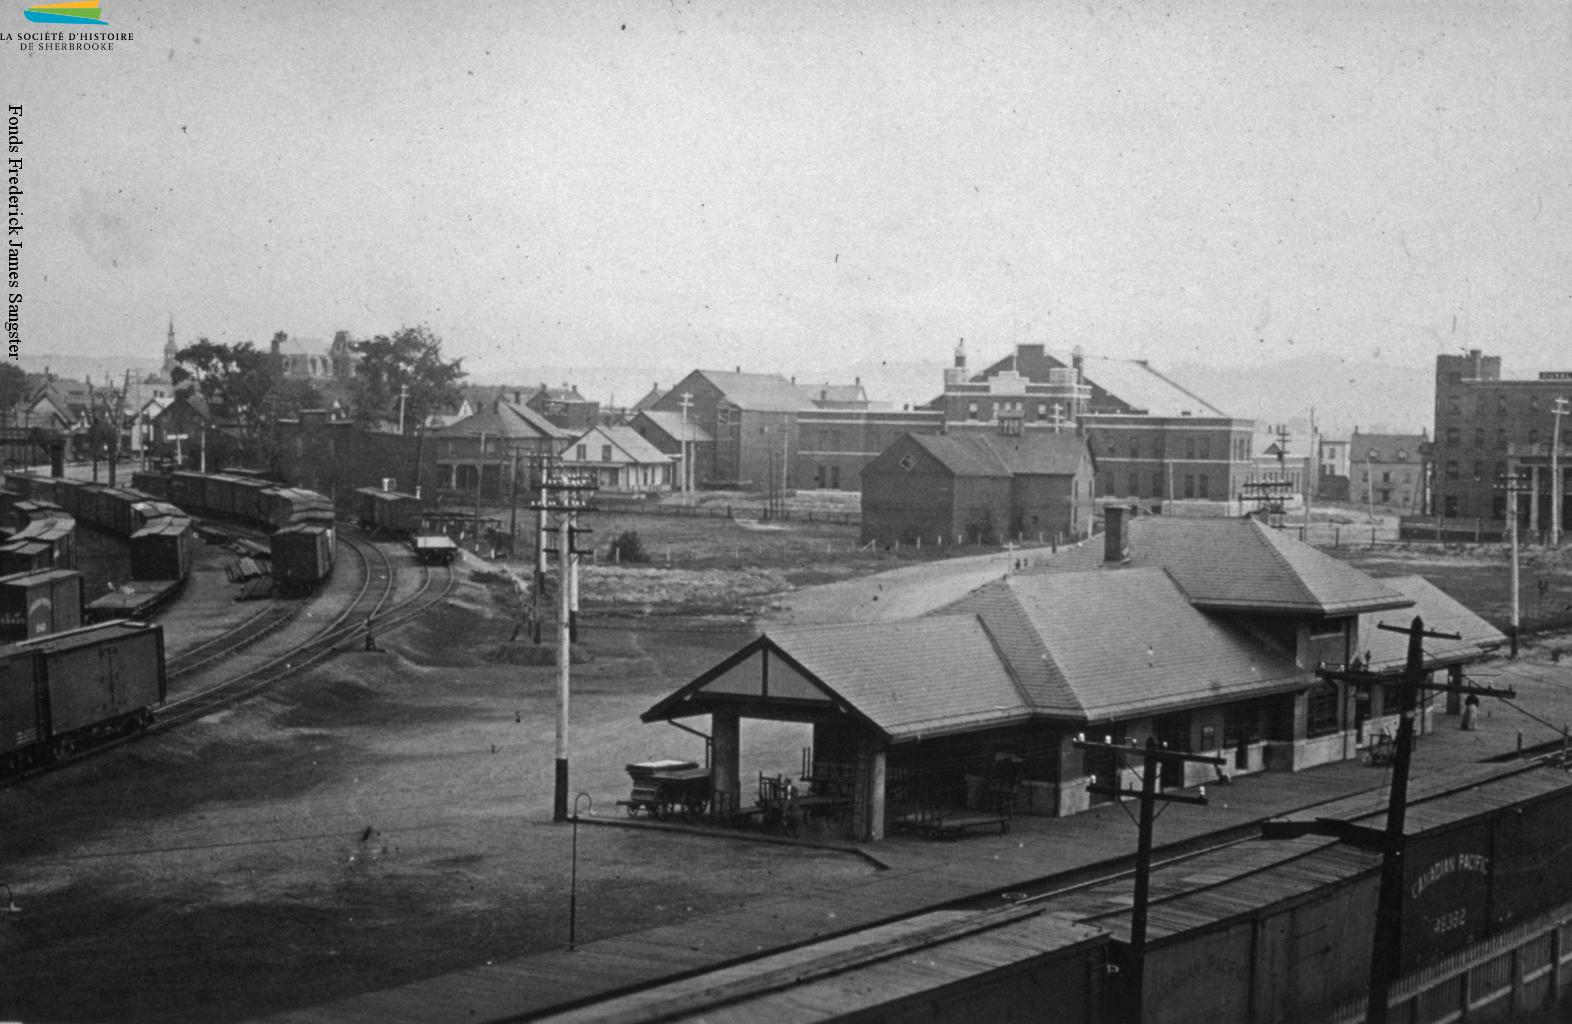 La gare du Canadien Pacifique, construite vers 1910 près de l'axe des rues Galt Ouest et Belvédère Sud, tout près du lac des Nations. La présence de ce chemin de fer depuis les années 1880 permet à des compagnies – l'Ingersoll-Rand, la Dominion Textile, la Canadian Silk et bien d'autres – de construire leurs usines dans les environs. Cette photo est prise en 1911.